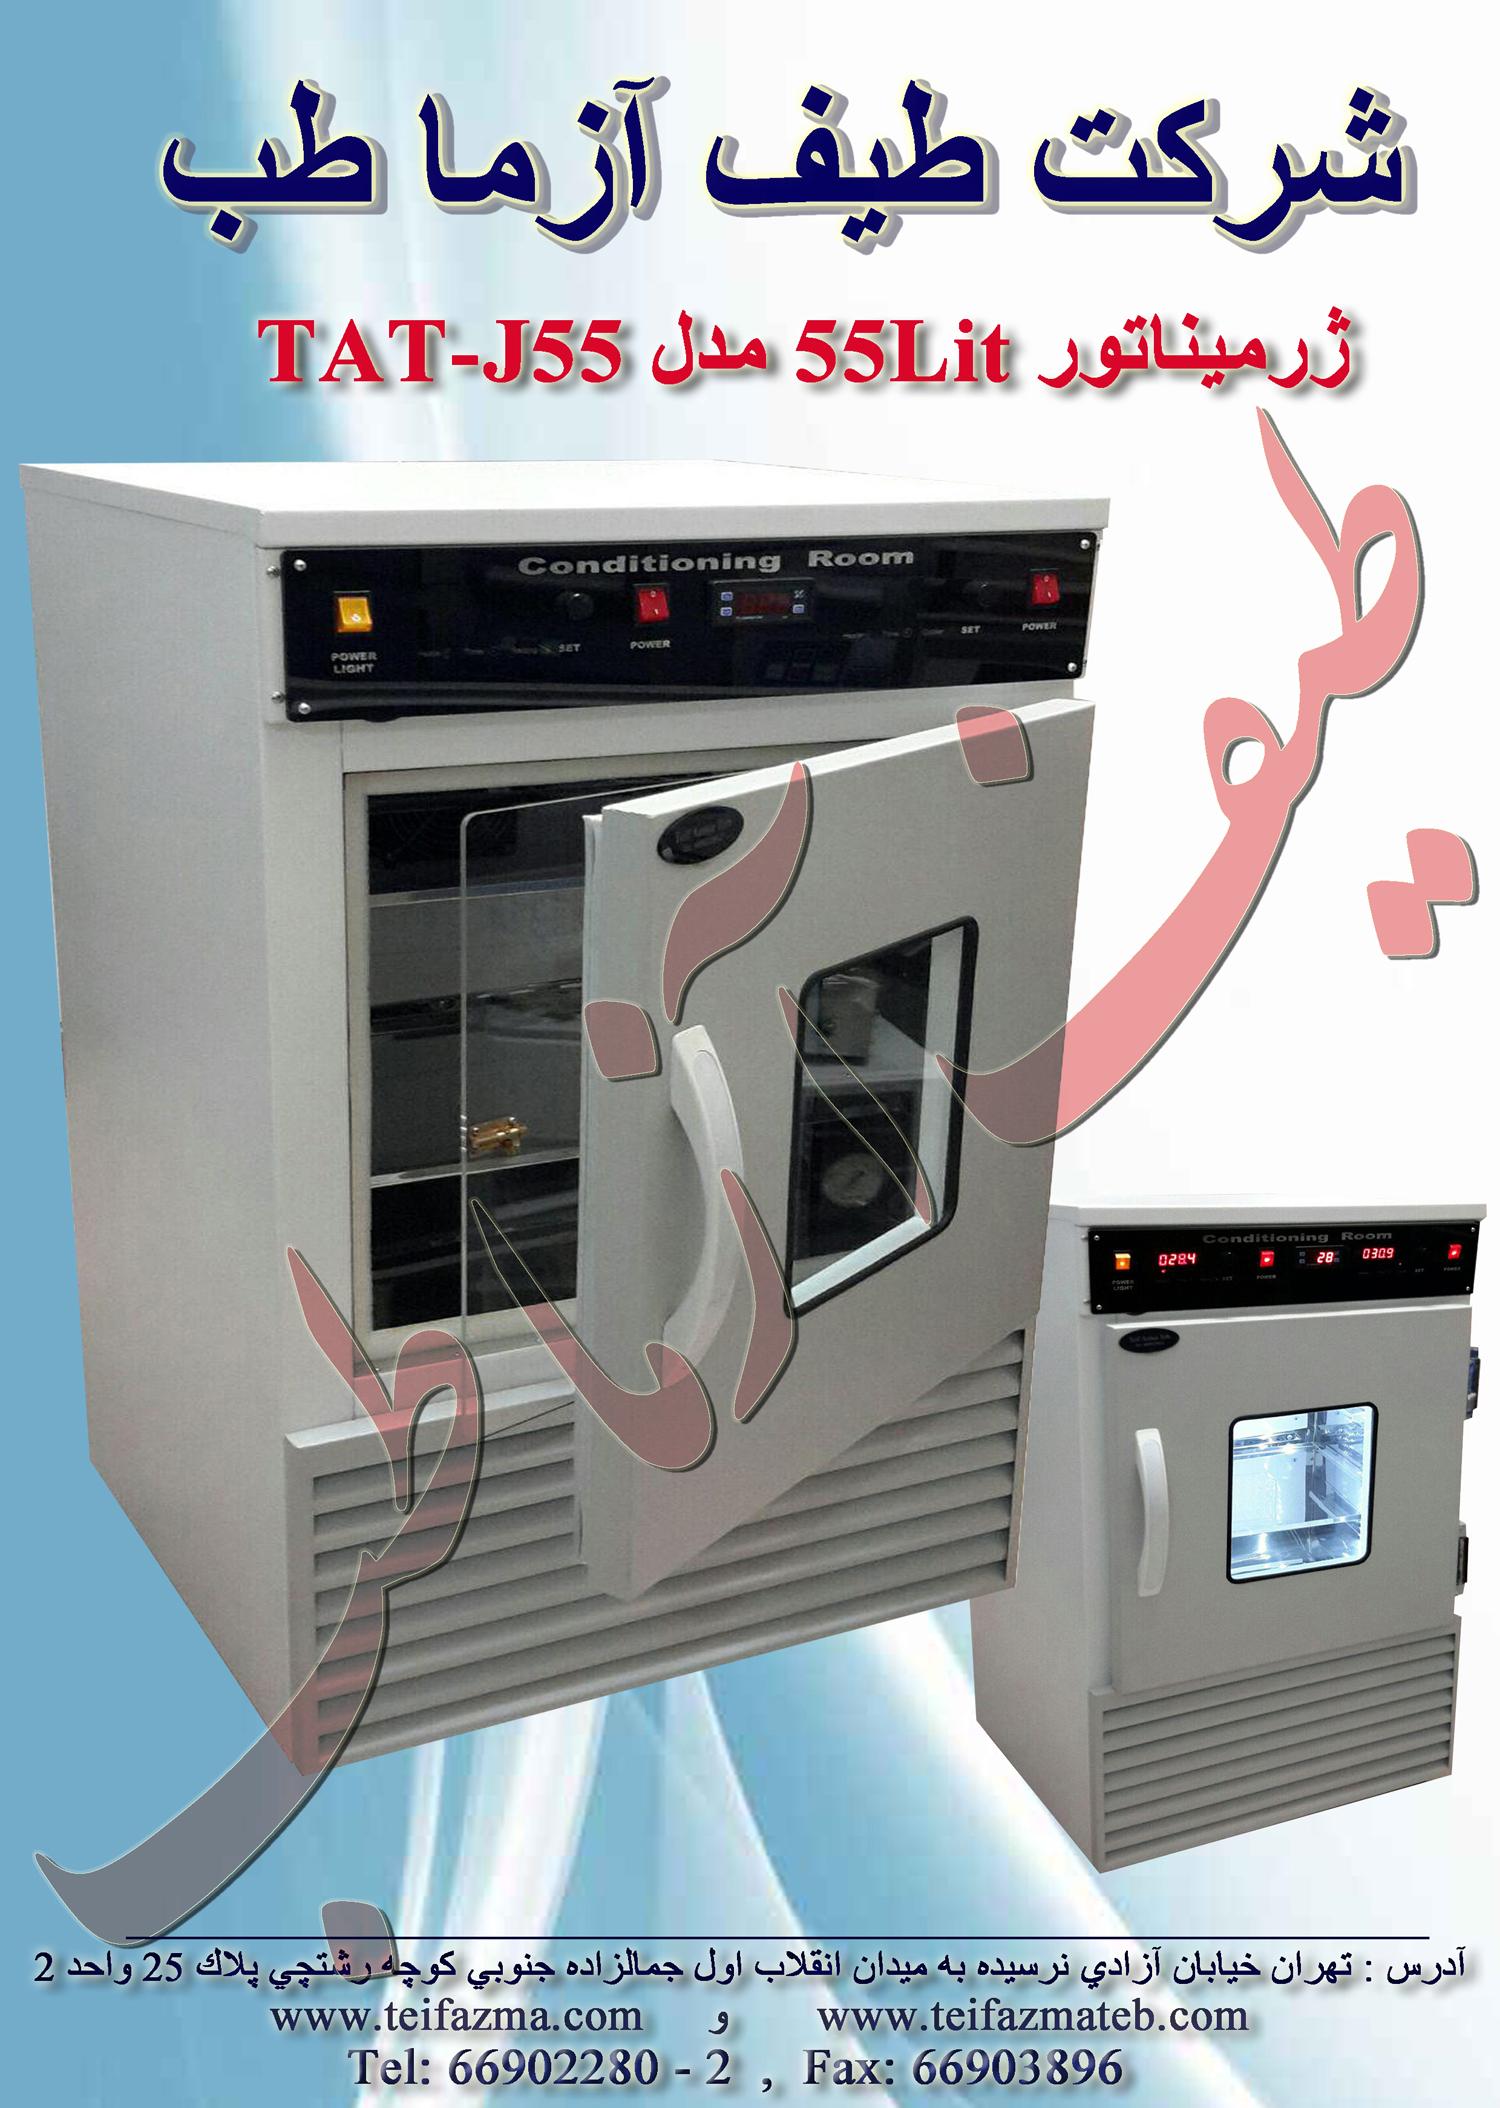 دستگاه ژرمیناتور